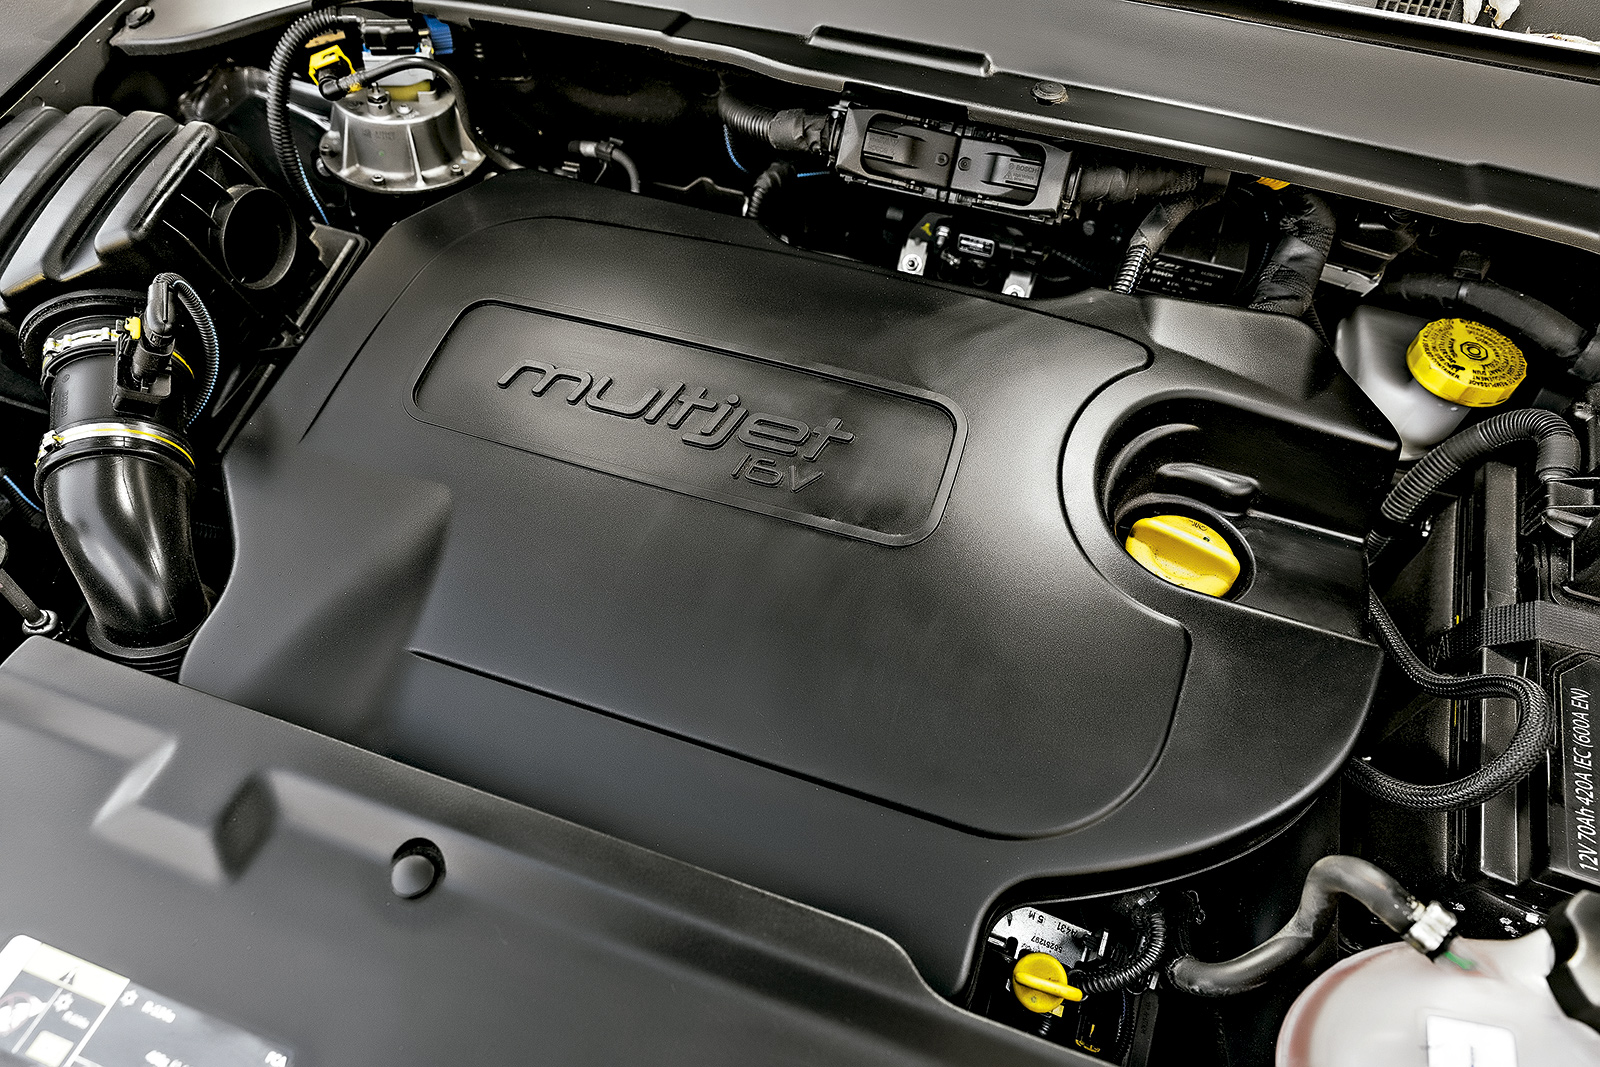 Motor 2.0 turbodiesel tem 170 cv e 35,7 mkgf de torque máximo